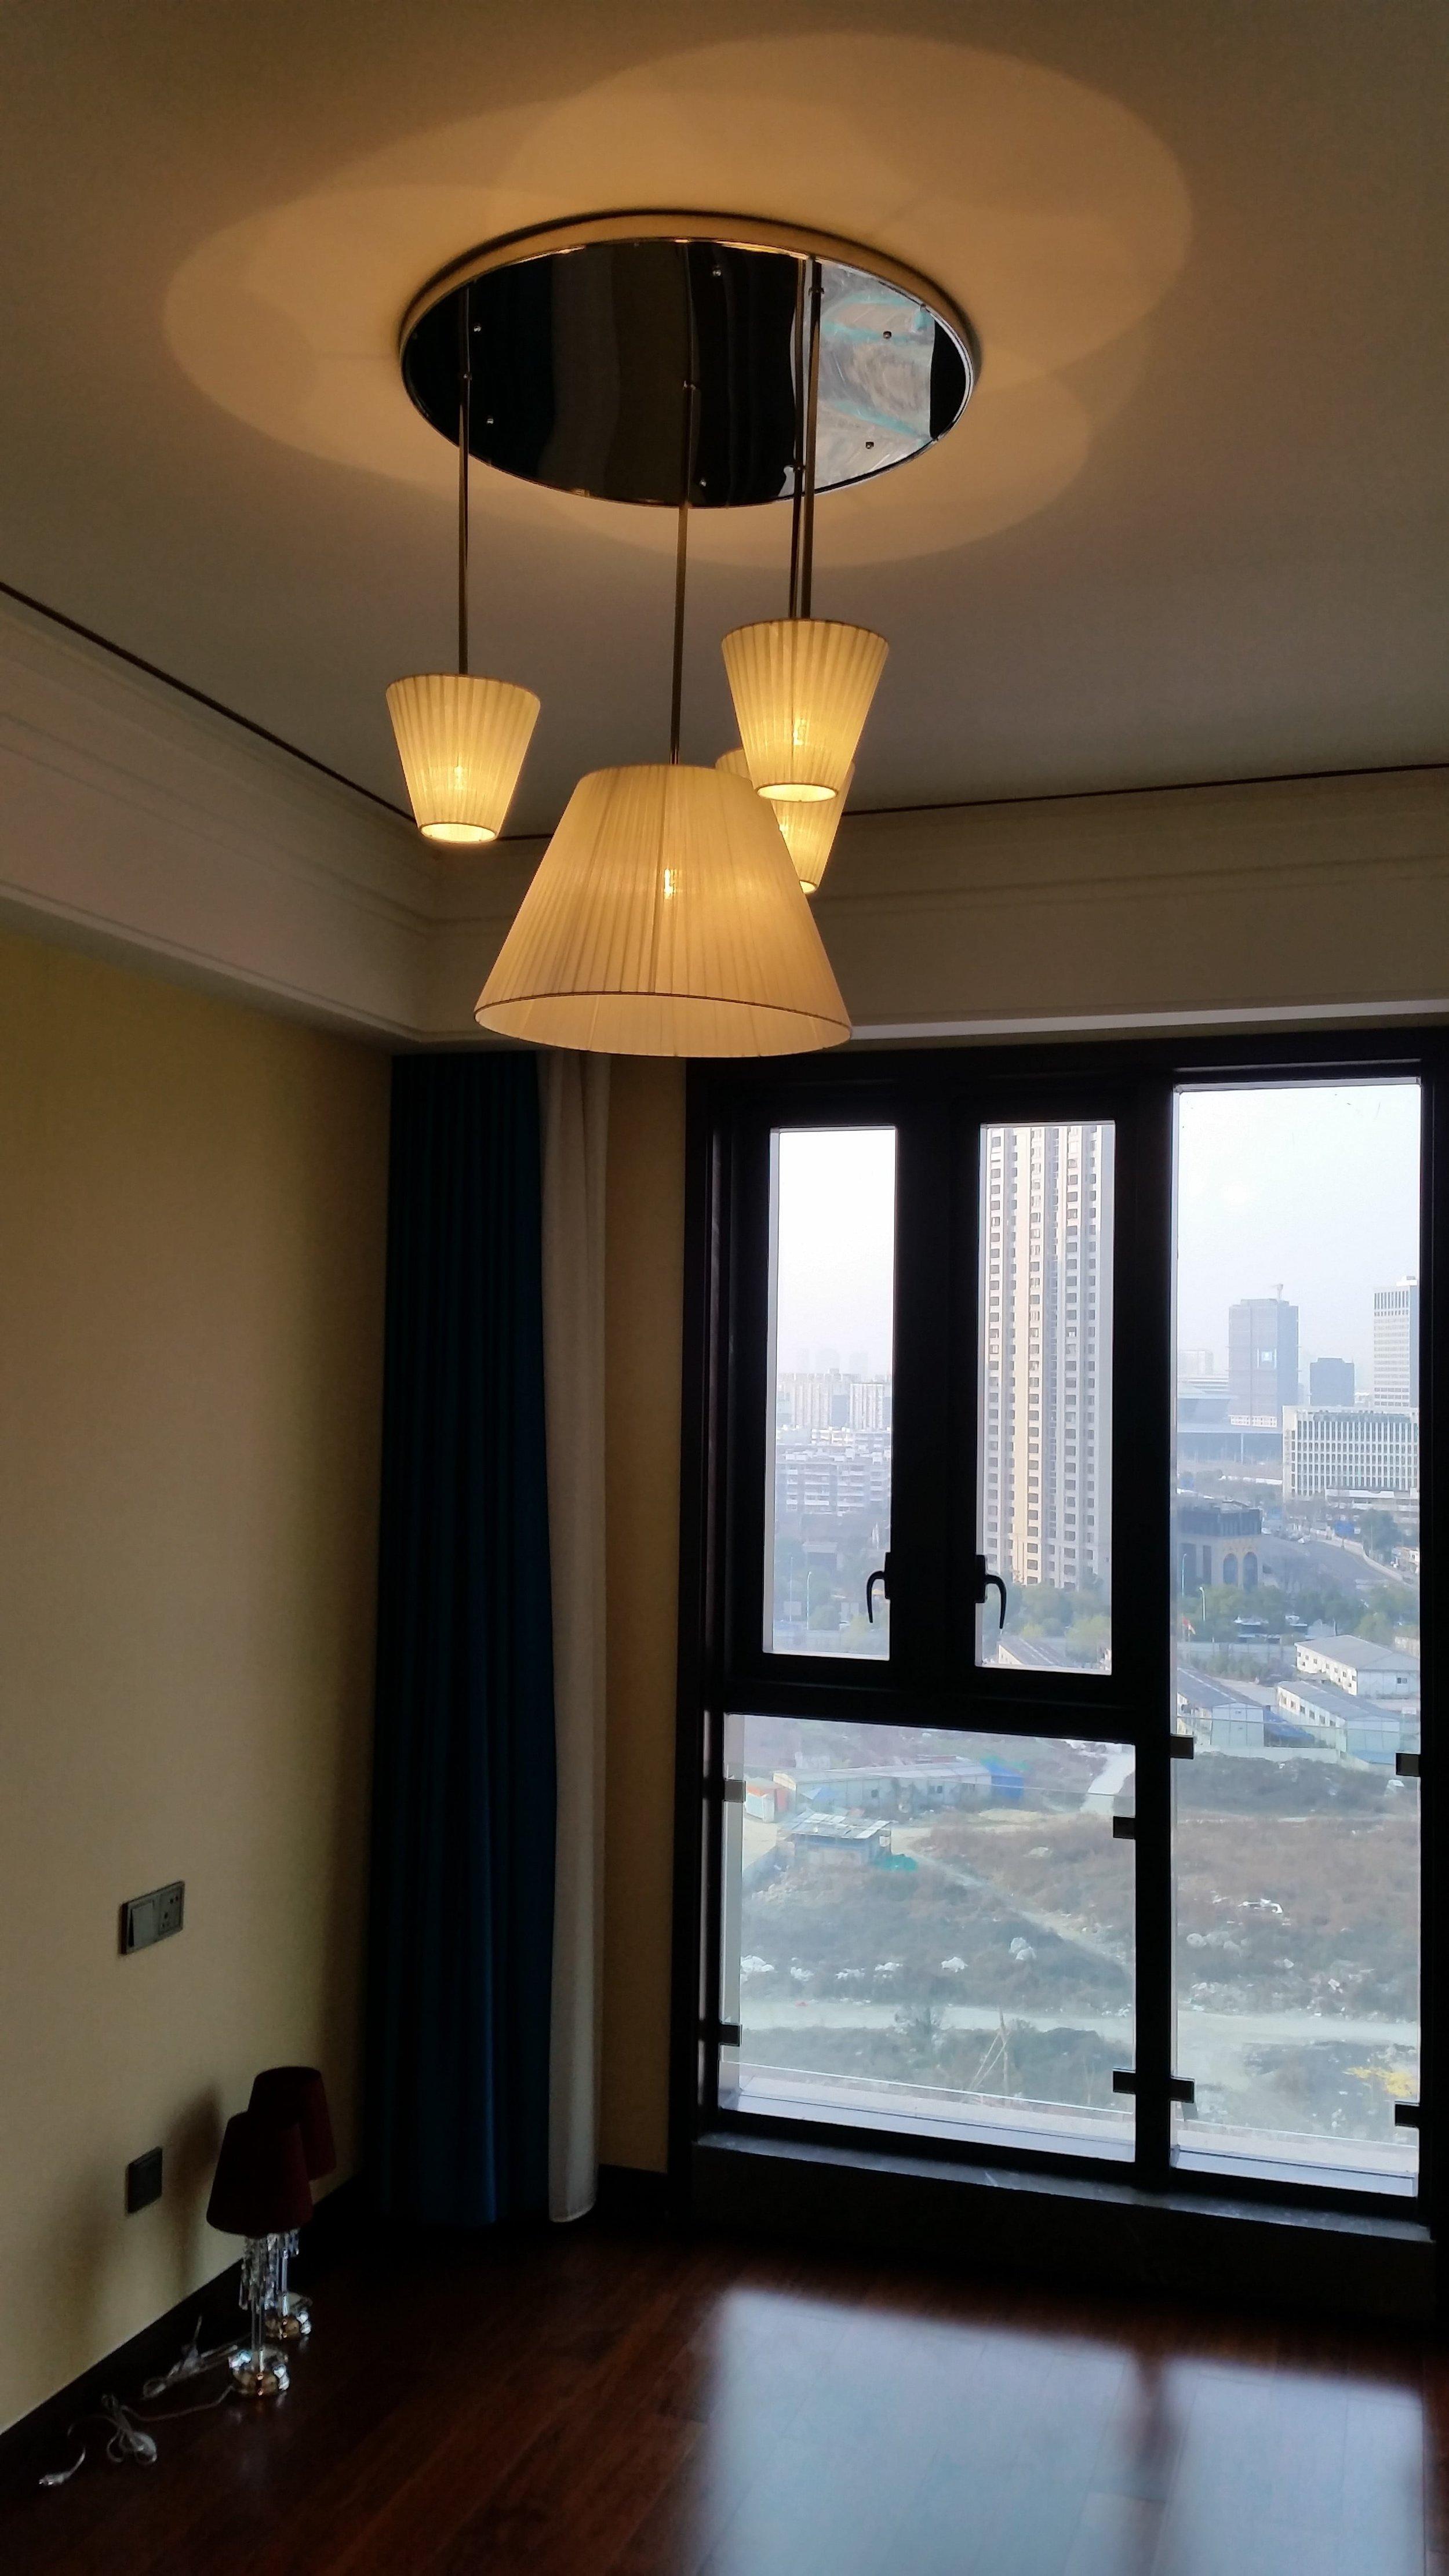 private-villa-china-wranovsky-crystal-chandelier-5.jpg